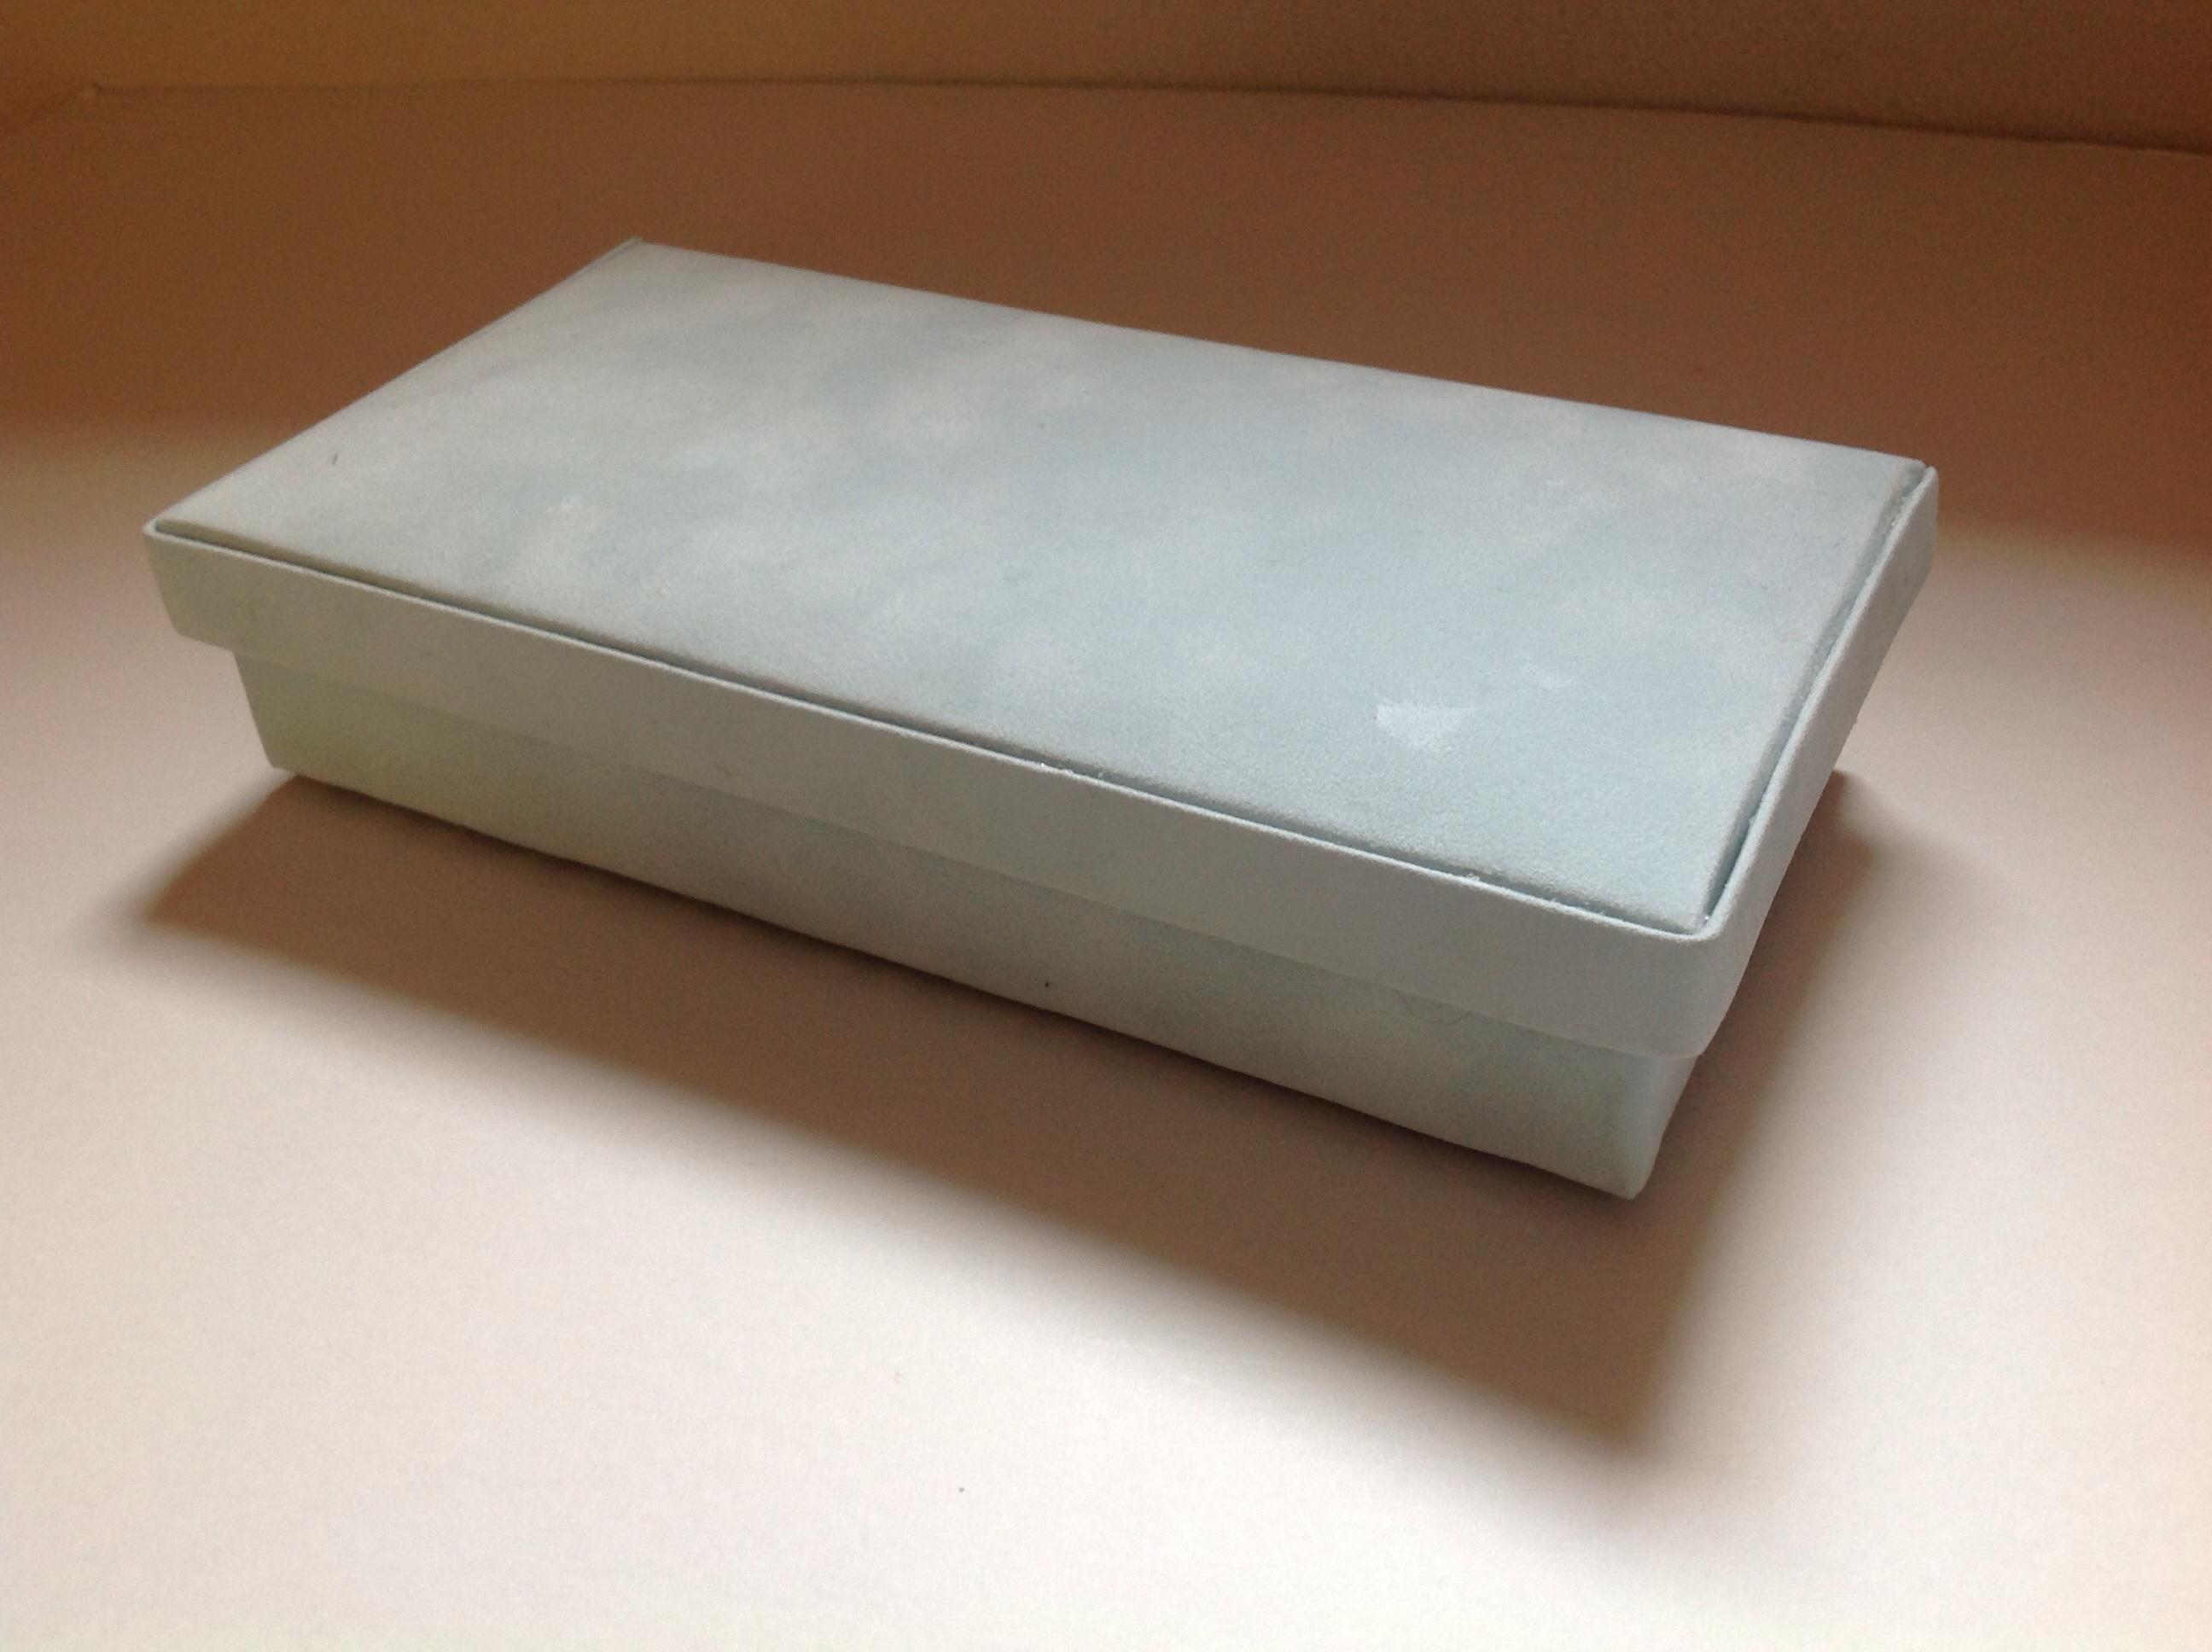 scatora blu